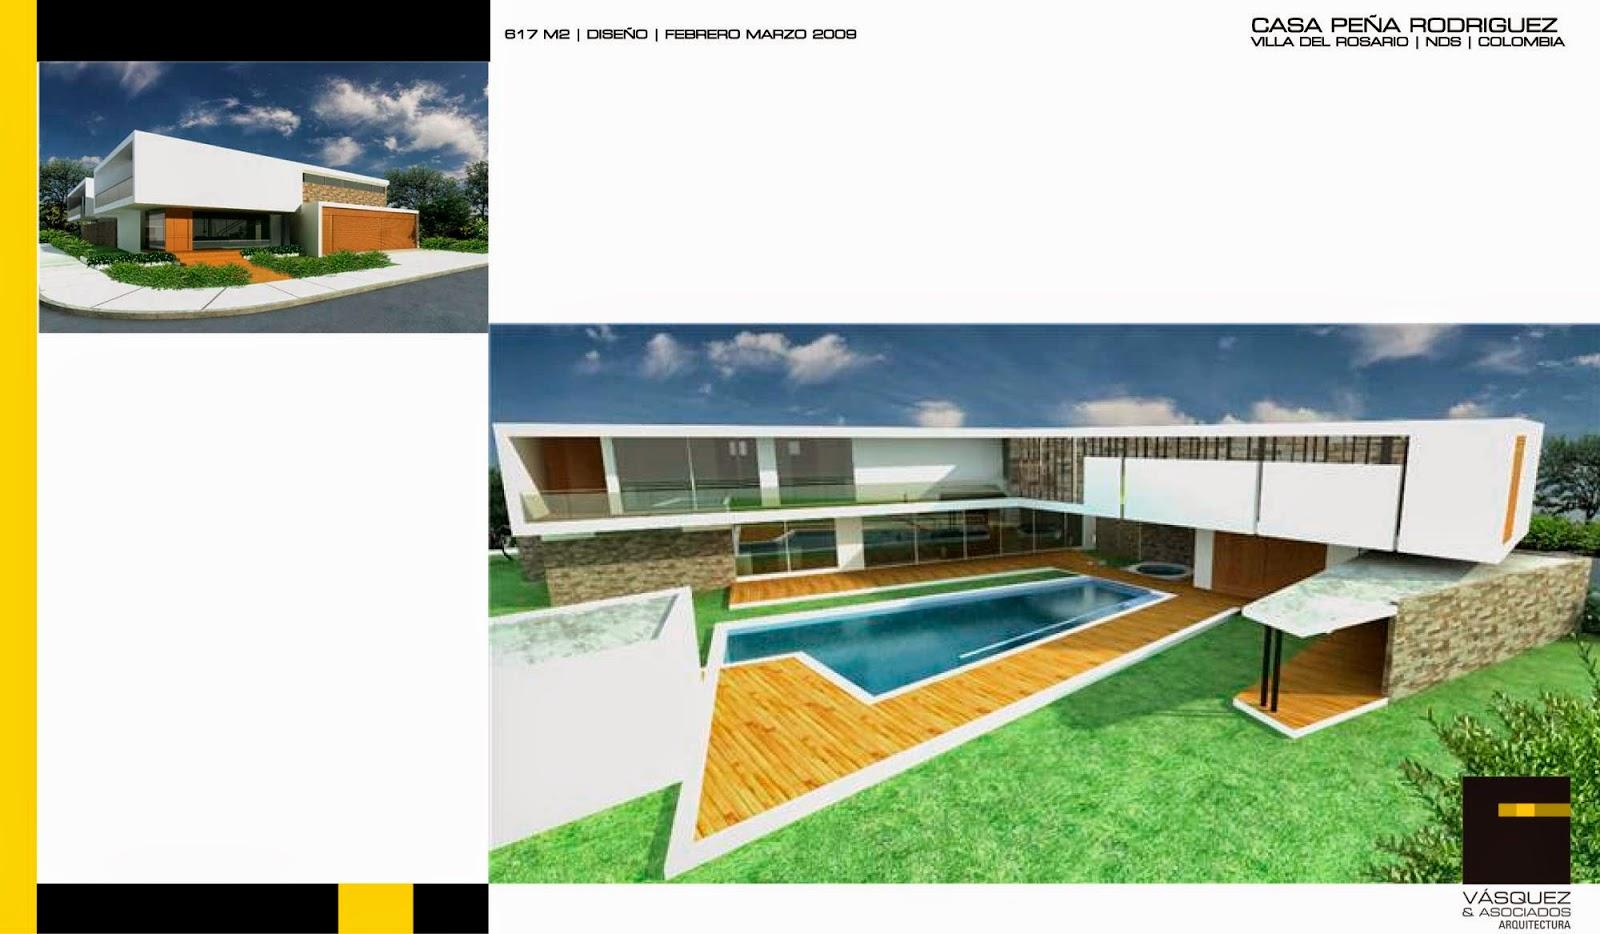 Vasquez y asociados arquitectura ltda casa pr for Genesis arquitectura y diseno ltda